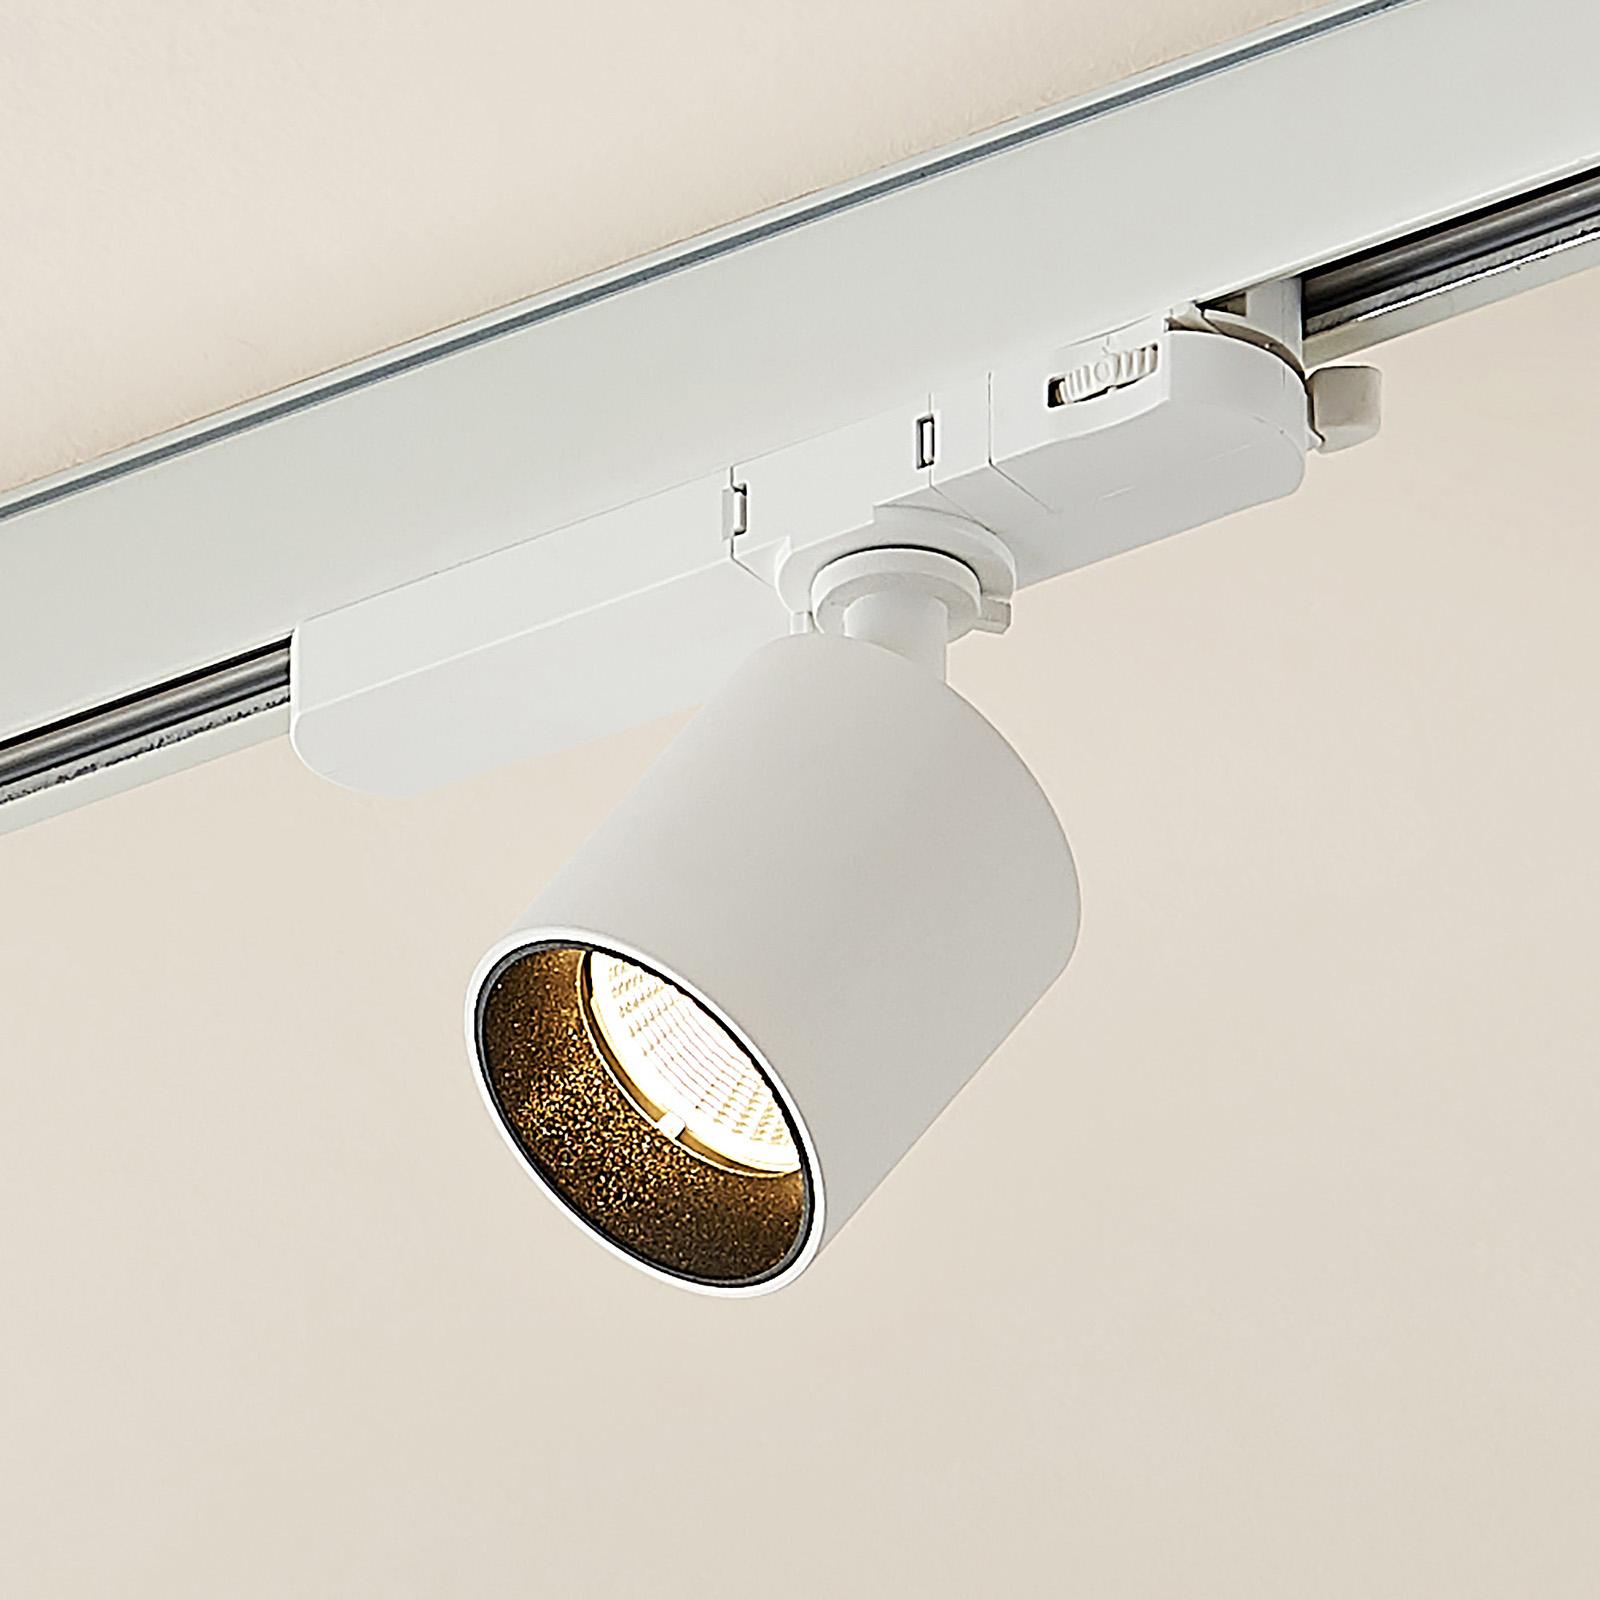 Arcchio Candra LED-Schienenspot, weiß 9W 3.000K